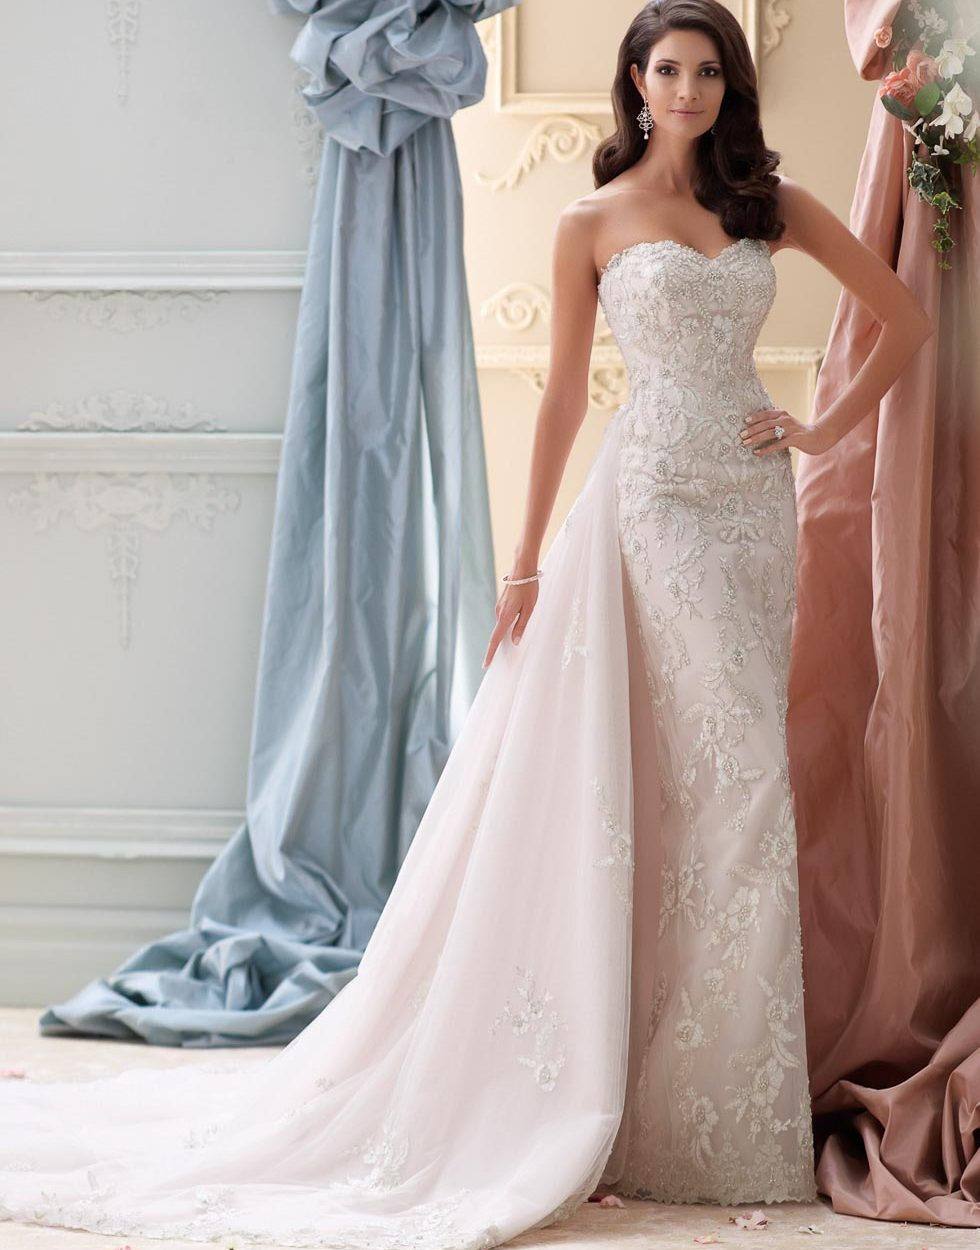 Brautkleidkollektion von David Tutera/Mon Cheri Bridals bei www.weddingstyle.de